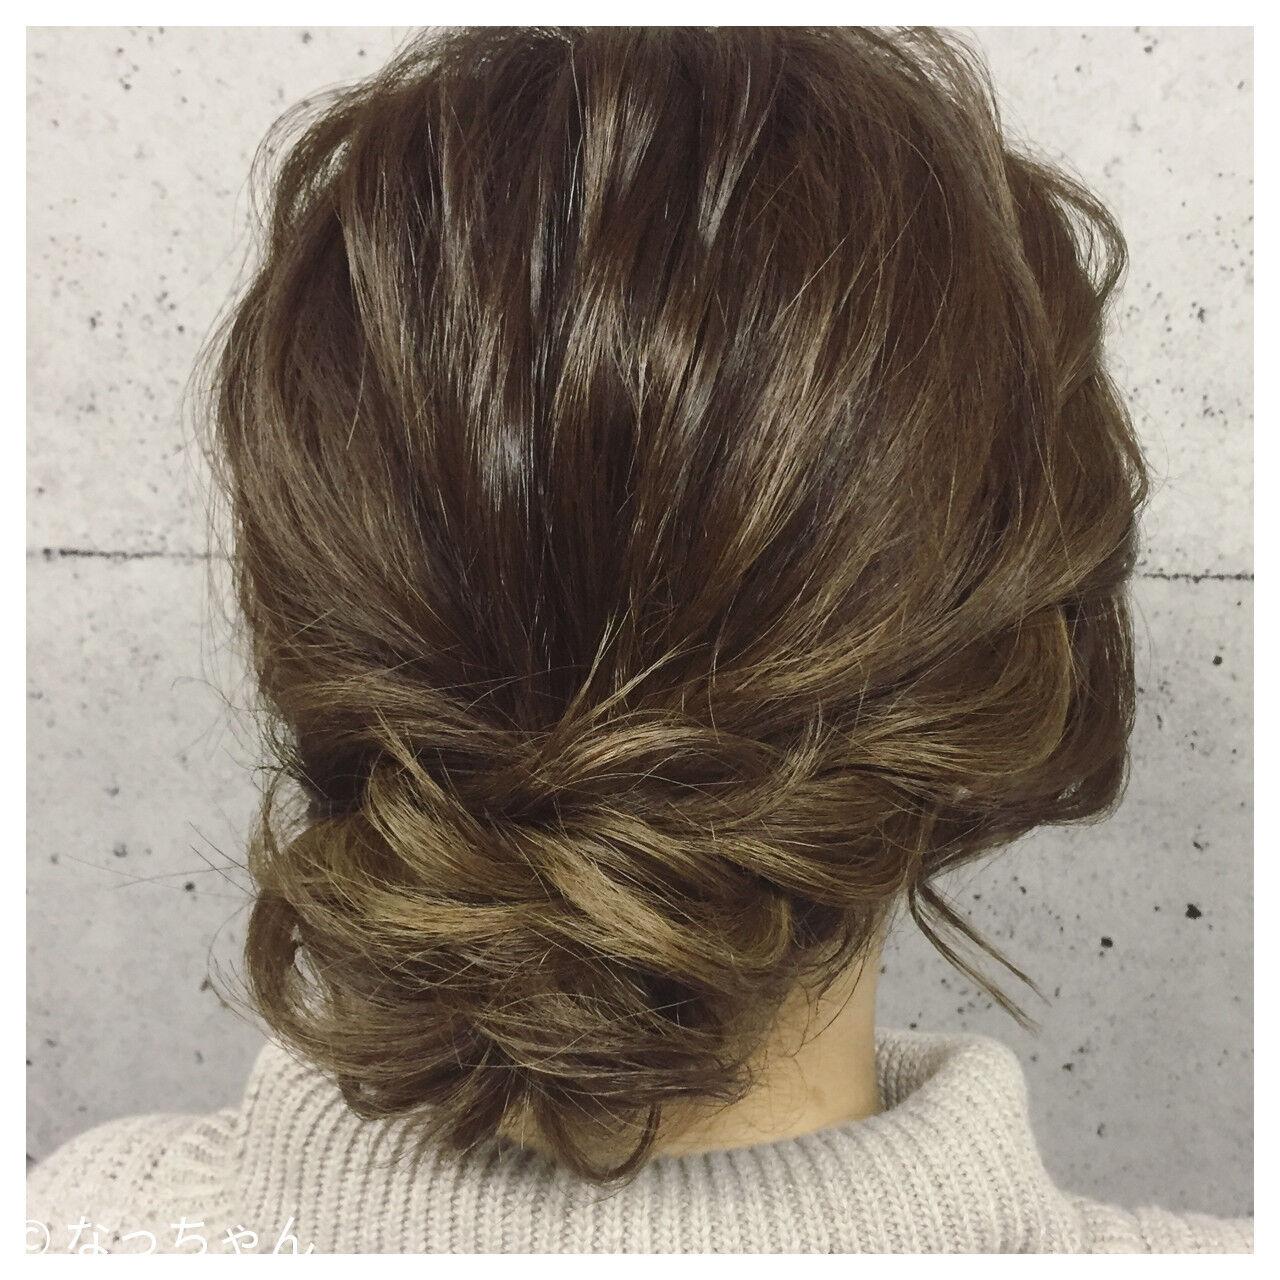 ボブ ヘアアレンジ 結婚式 アップスタイルヘアスタイルや髪型の写真・画像